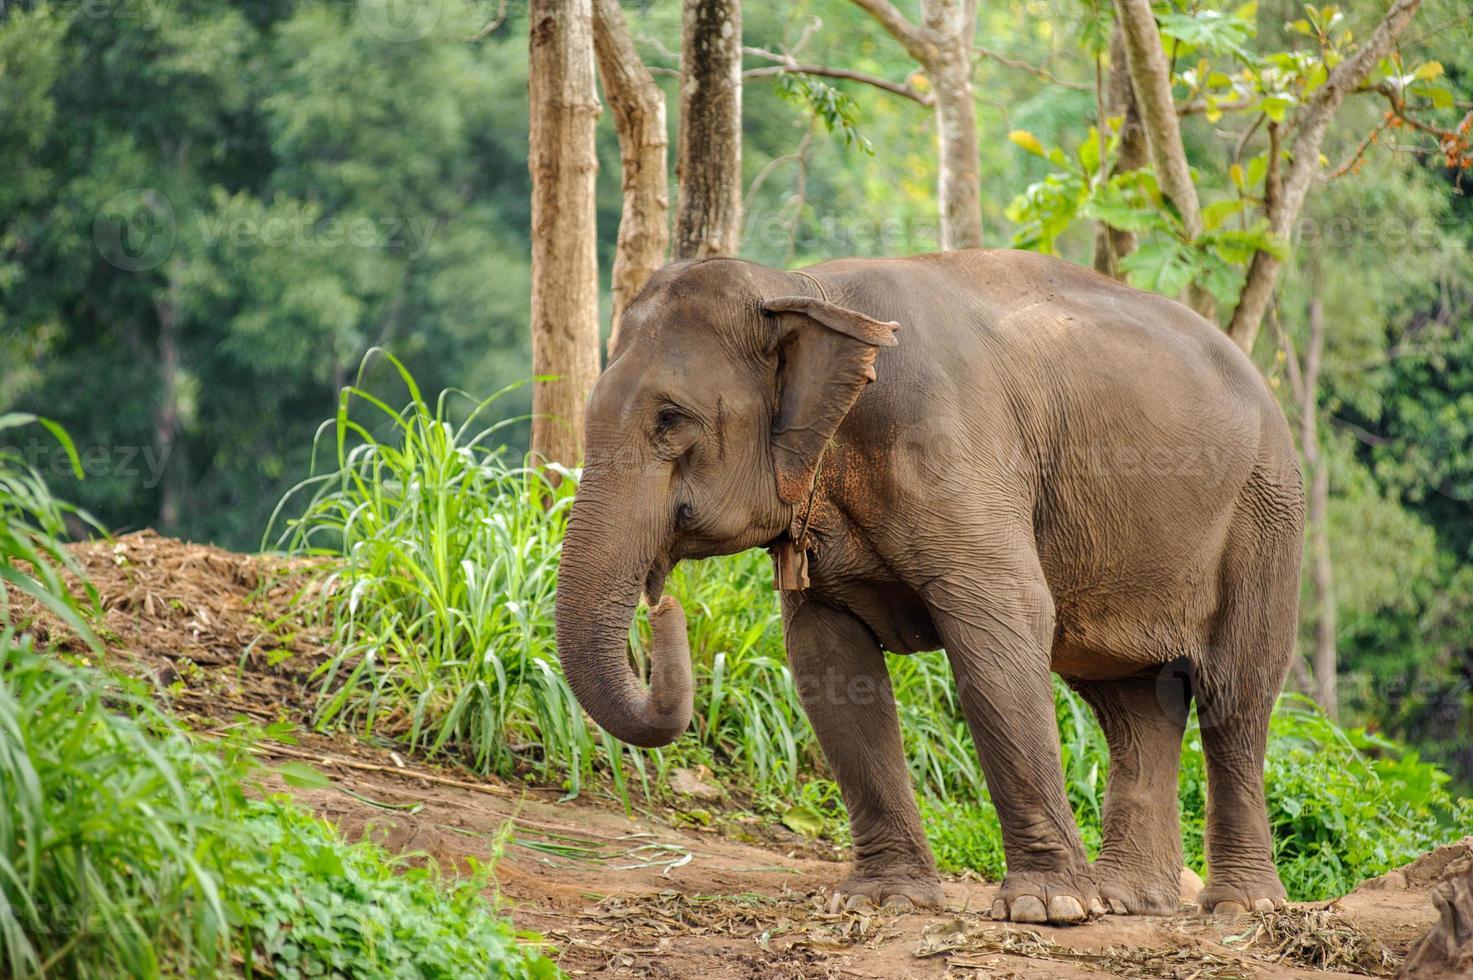 Elefantes salvajes en el parque nacional de Tailandia Chiang Mai. foto